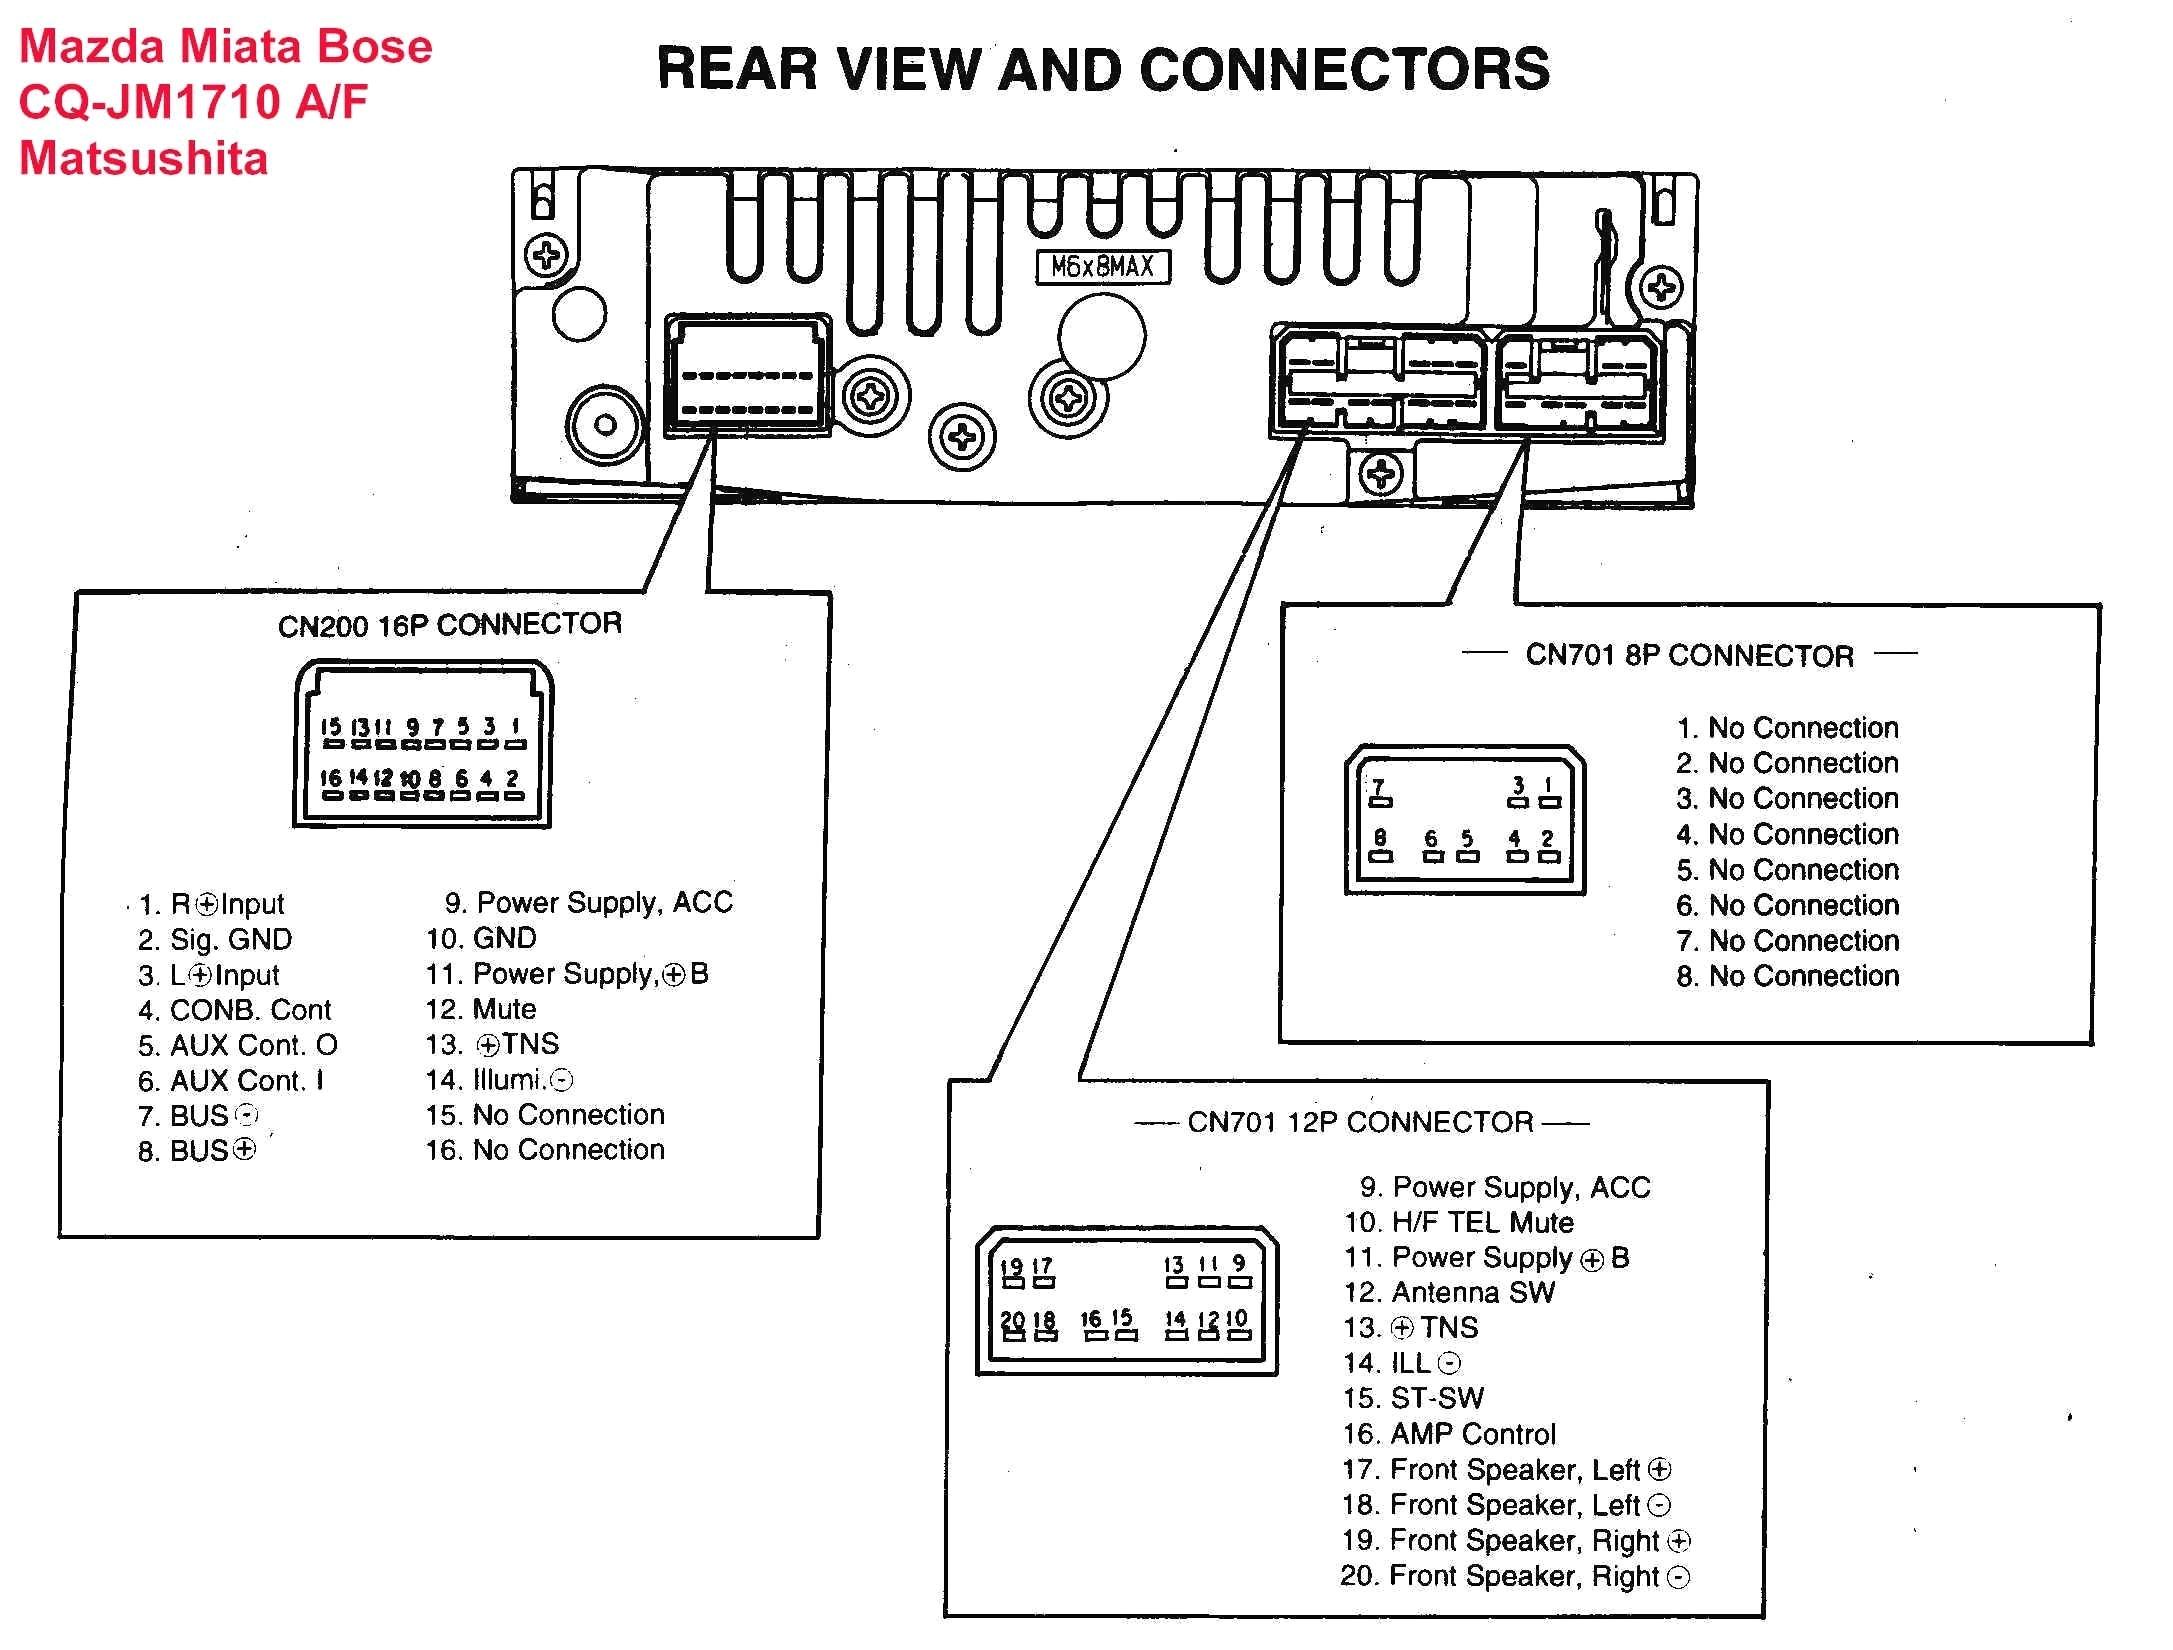 cq c7103u wiring diagram wiring diagram inside panasonic cq c7103u wiring diagram cq c7103u wiring diagram